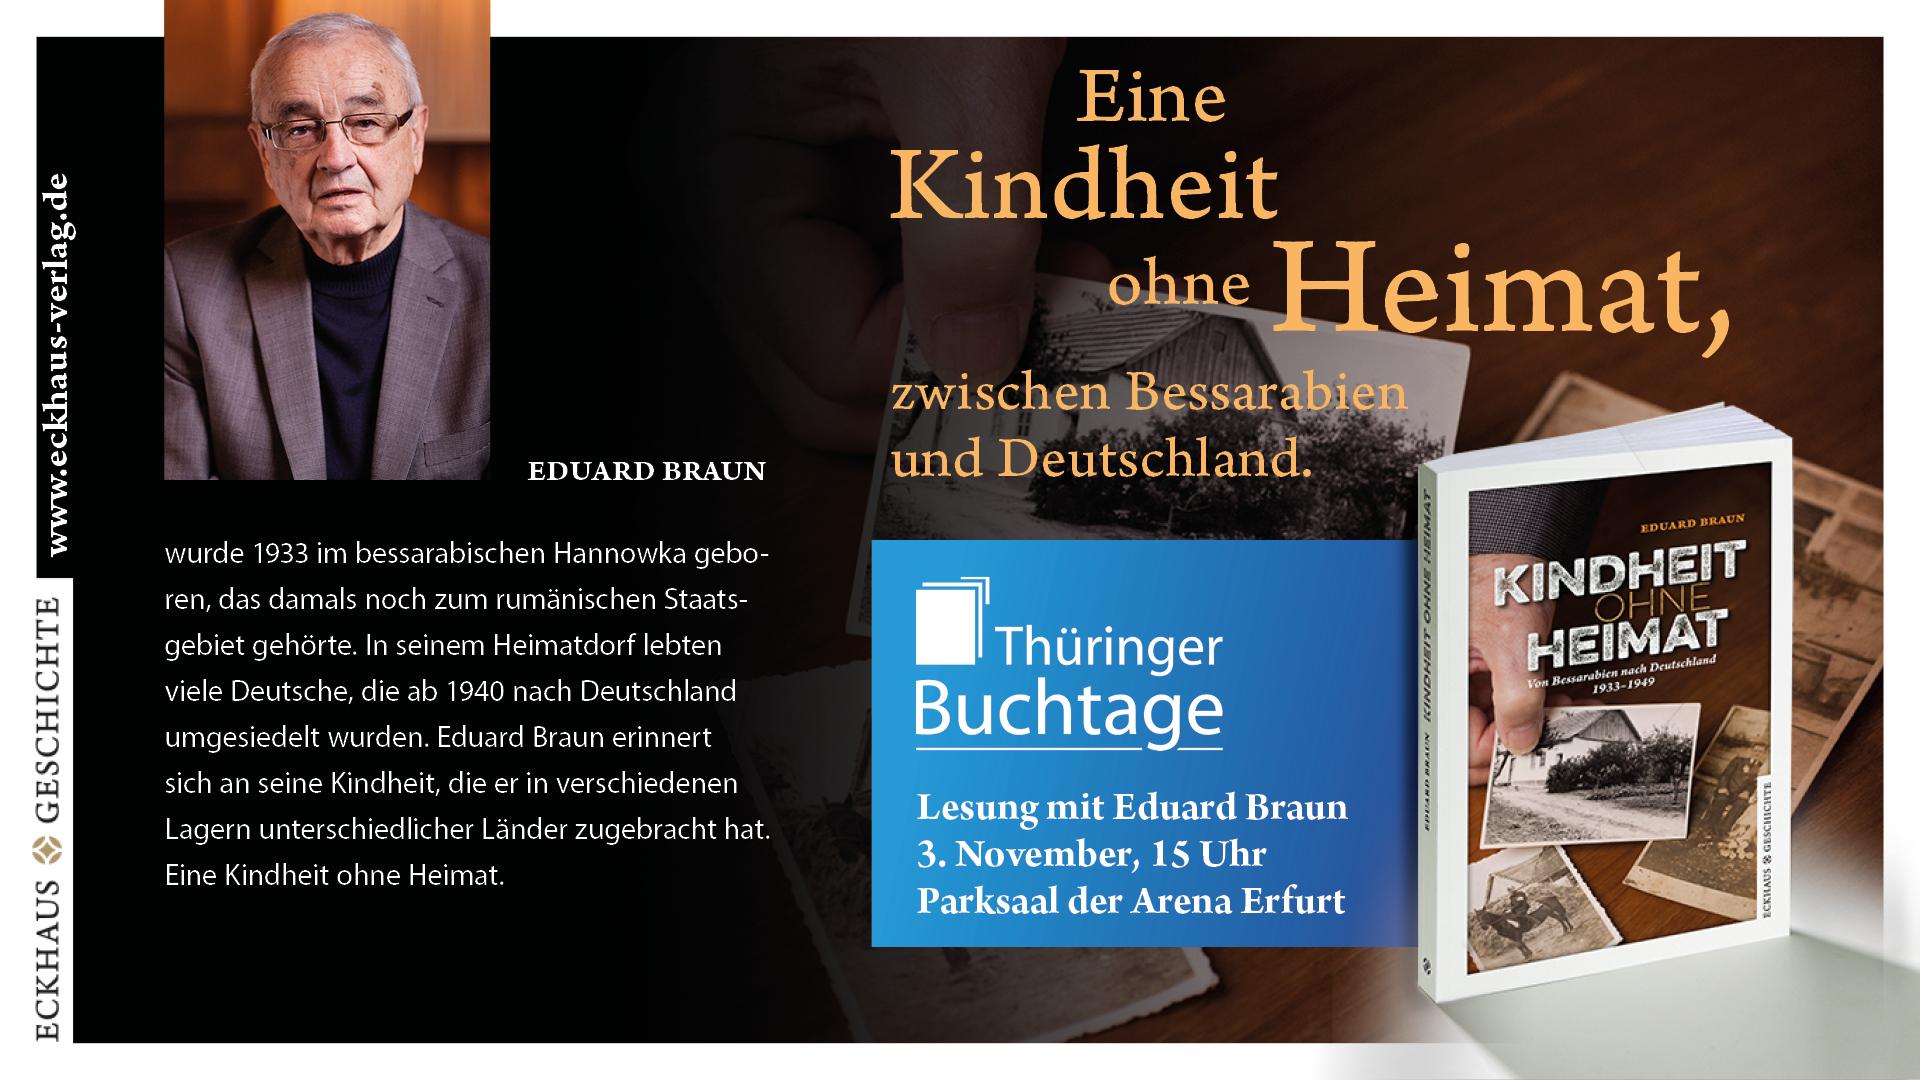 Grafik Kindheit ohne Heimat zu den Thüringer Buchtagen